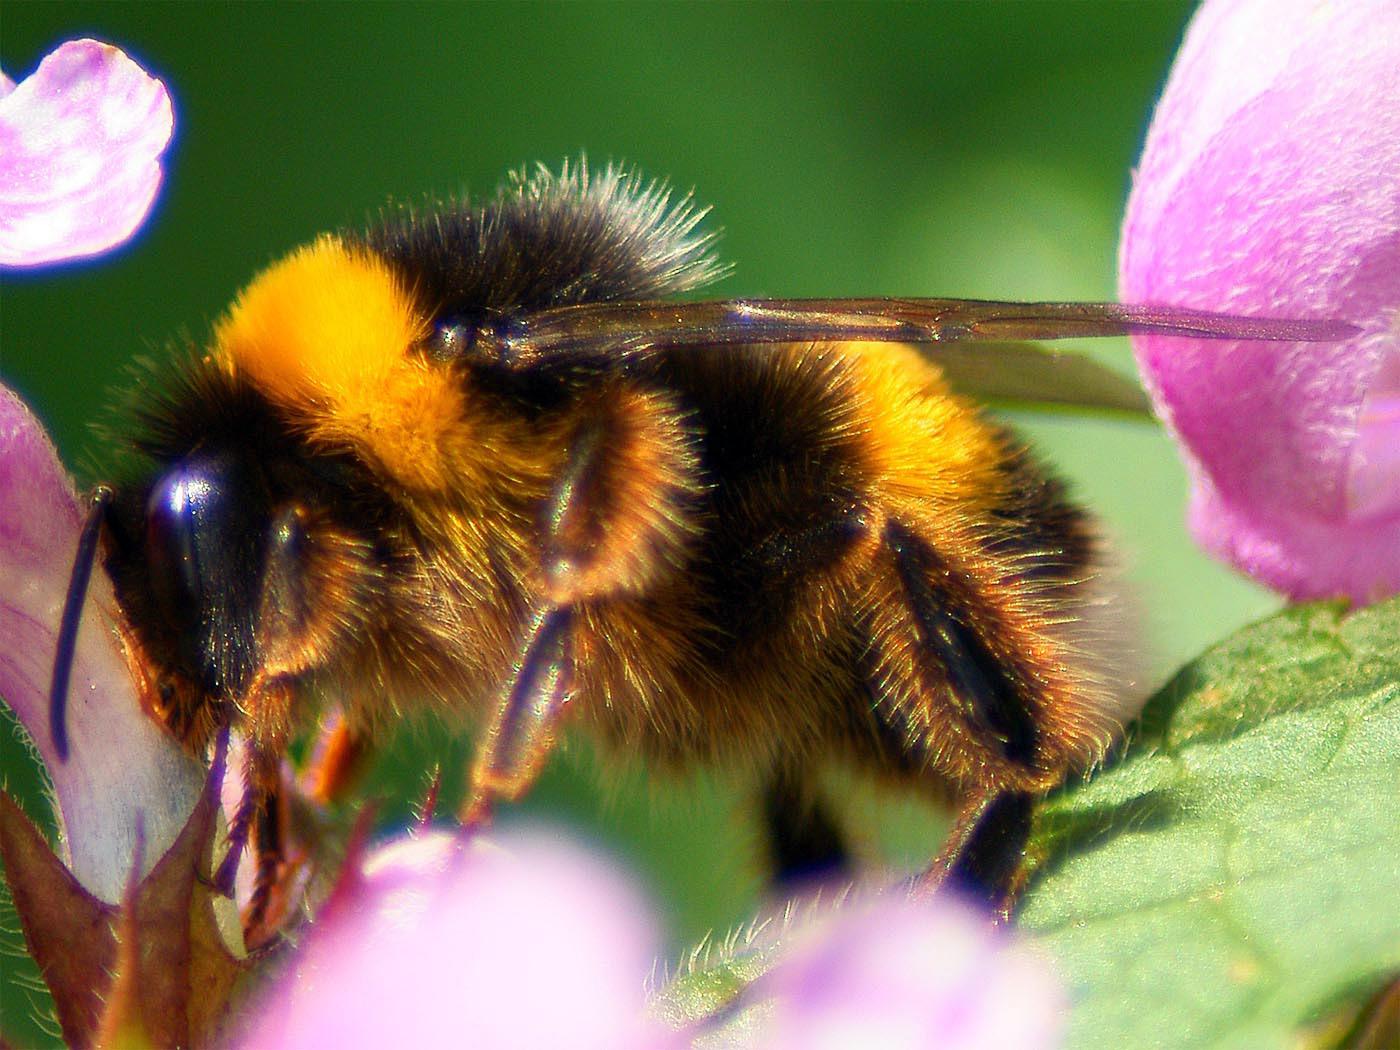 Шмель мохнатый, картинки природы насекомые, макро, животные, 1400 на 1050 пикселей